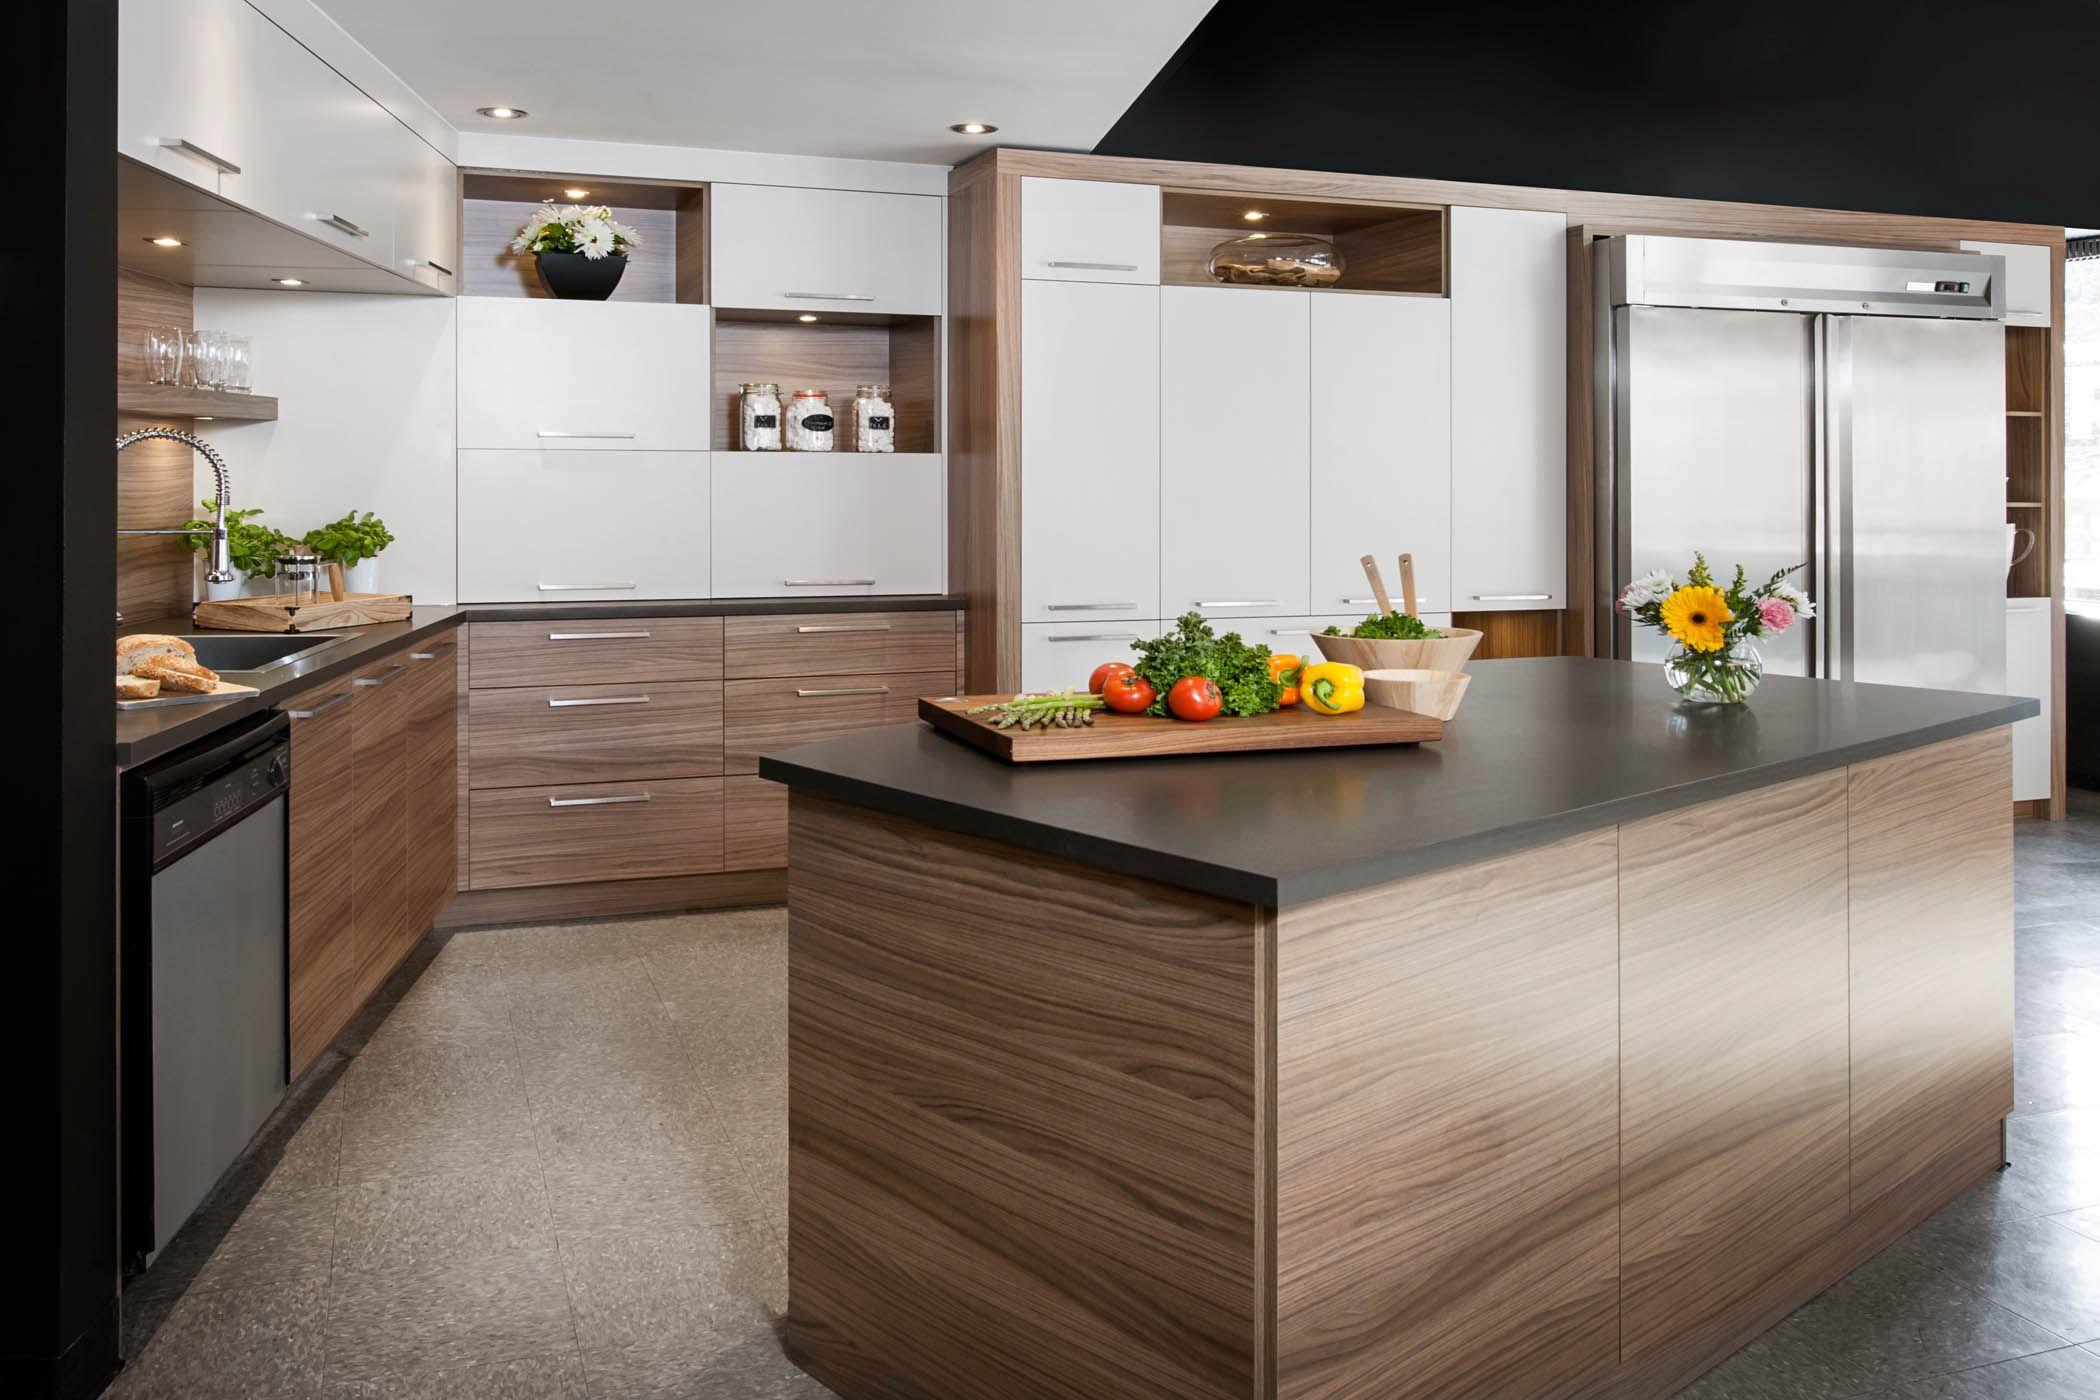 armoire cuisine nouvelle tendance